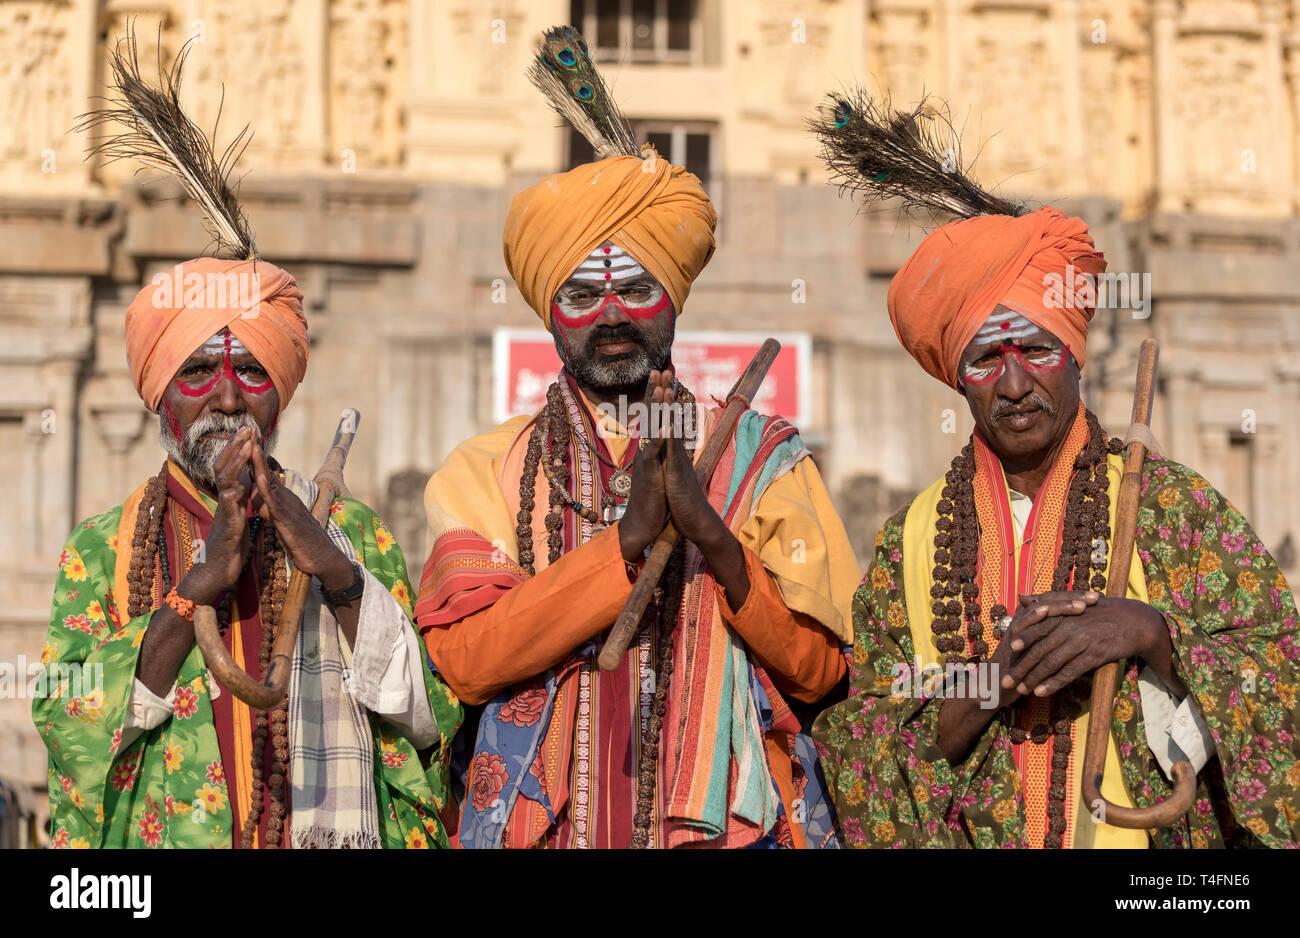 Portrait of three sadhus (holy men), Hampi, India - Stock Image